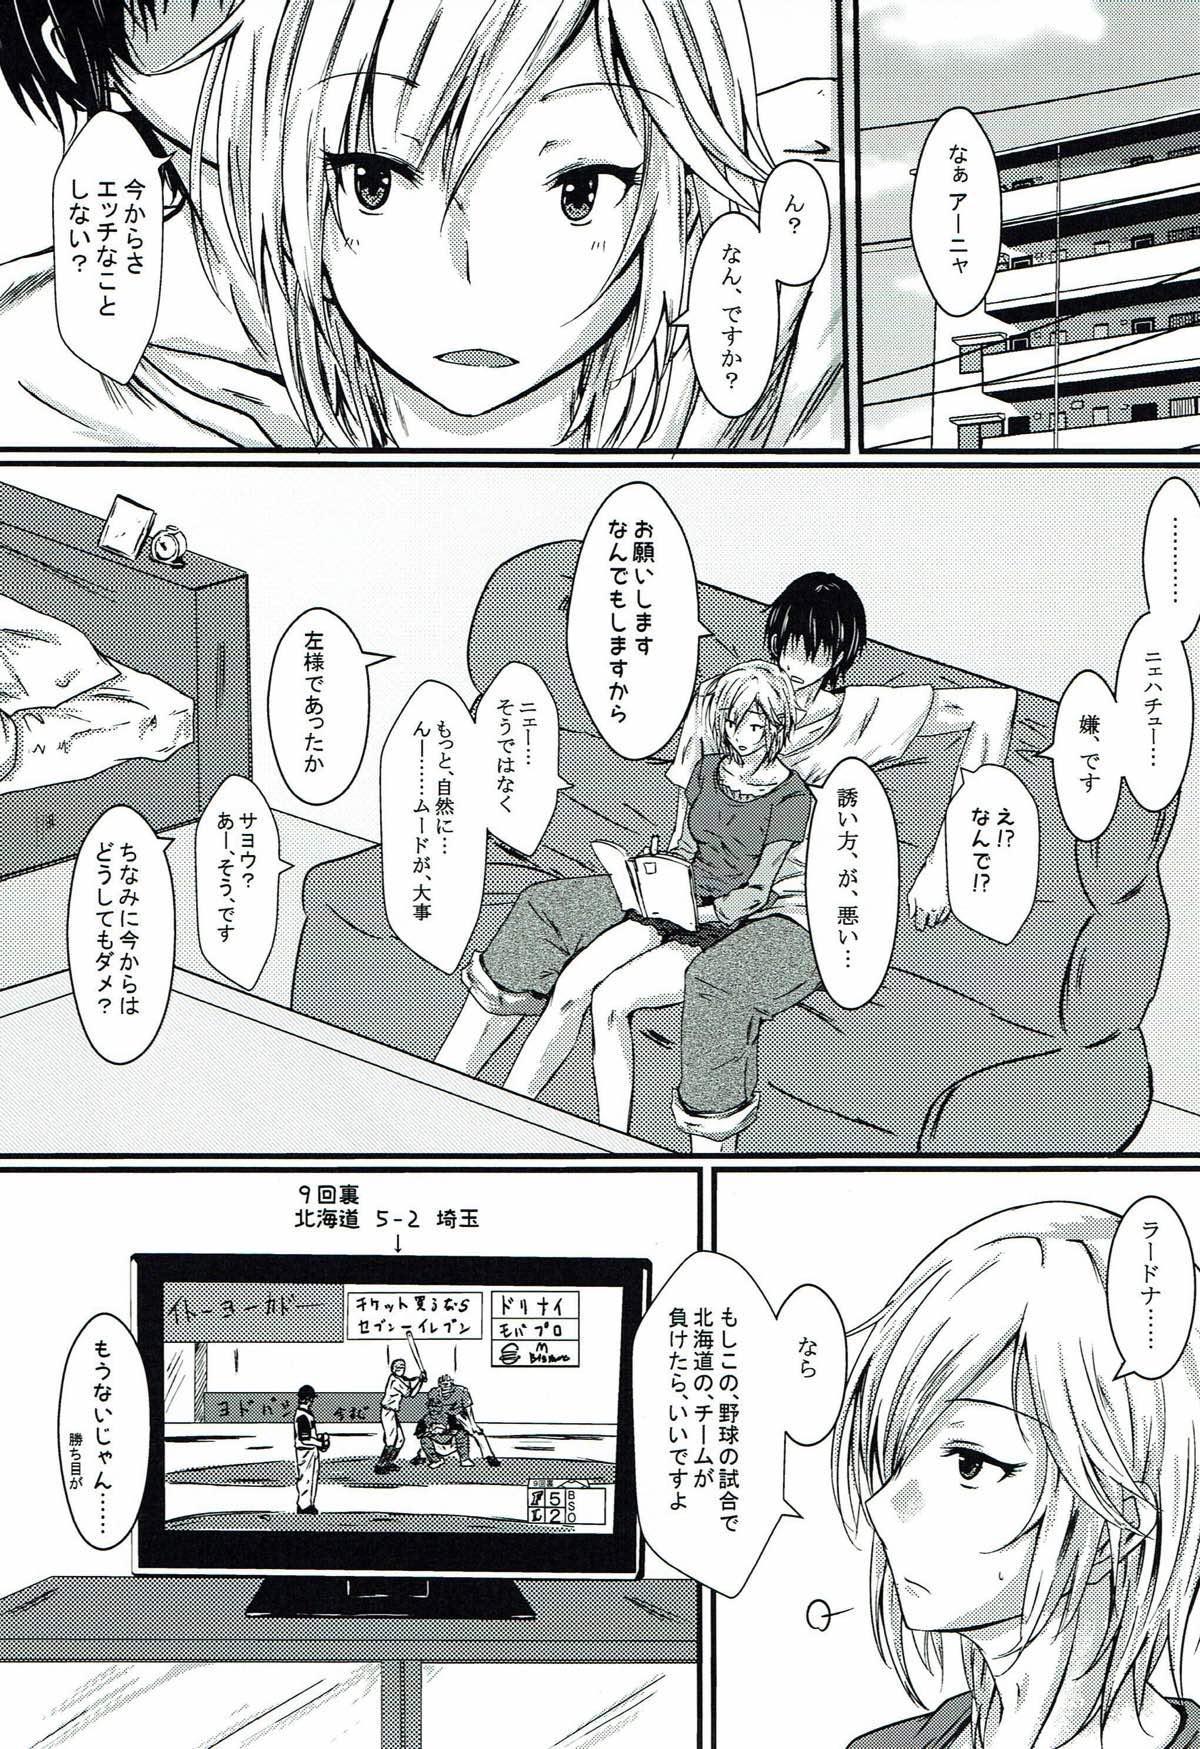 Anya to Ecchi Suru Hon 1